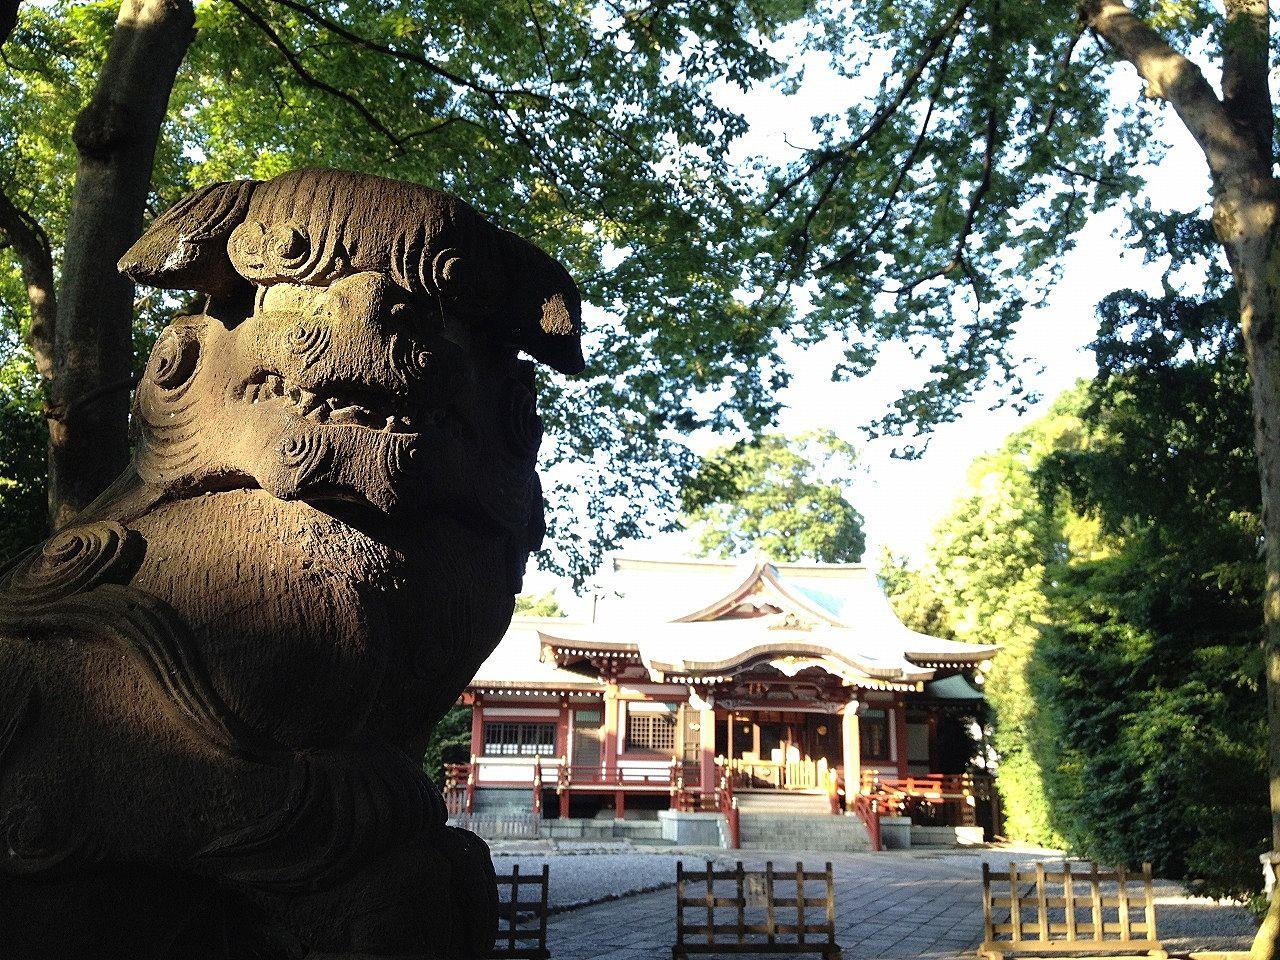 吉祥寺の武蔵野八幡神社